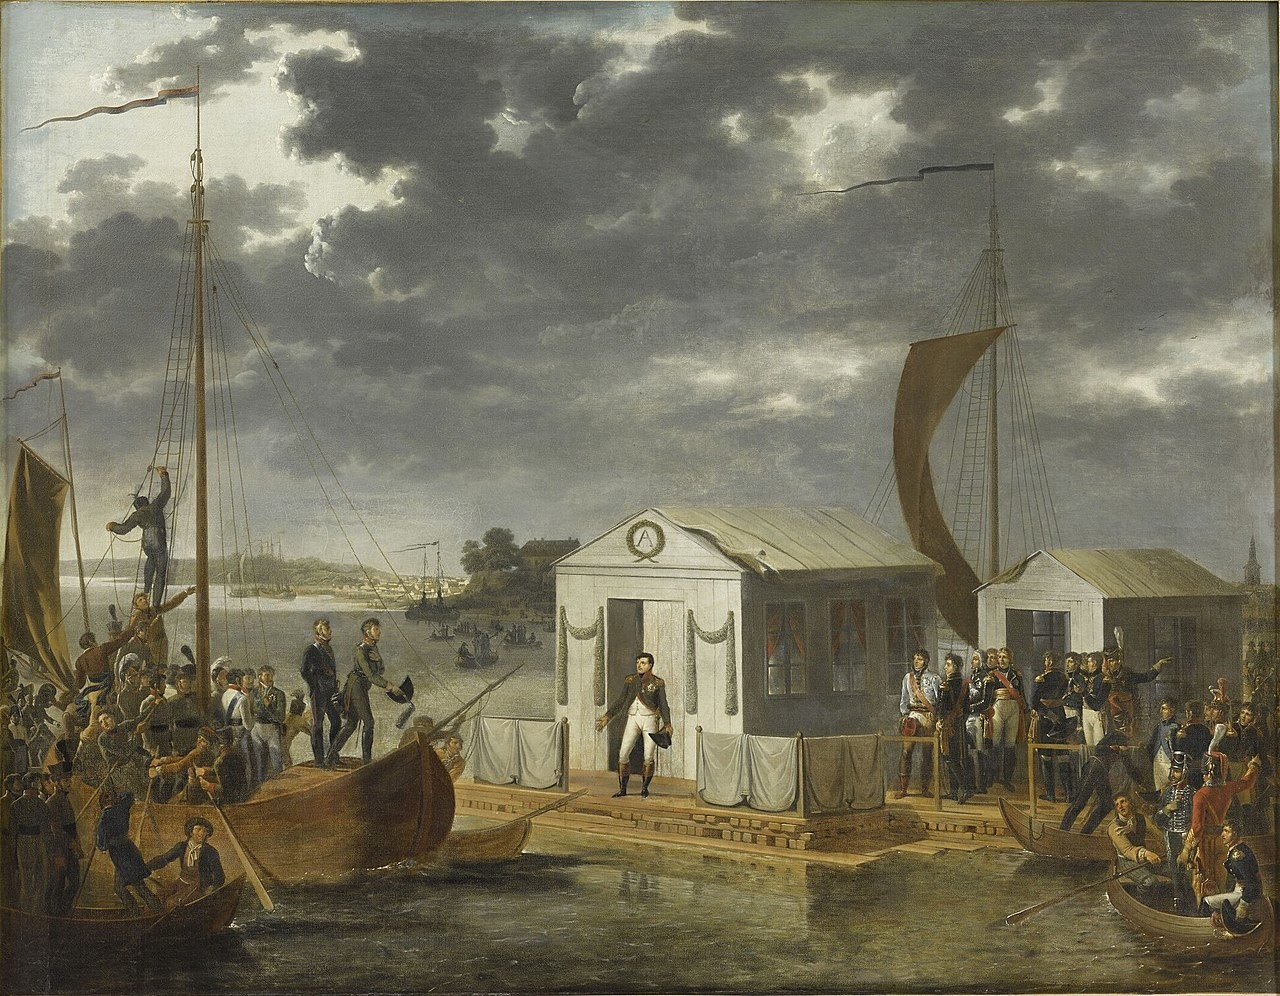 El encuentro de Napoleón I y Alejandro I en el río Niemen, el 25 de junio de 1807 (Tratado de Tilsit), por Adolph Roehn